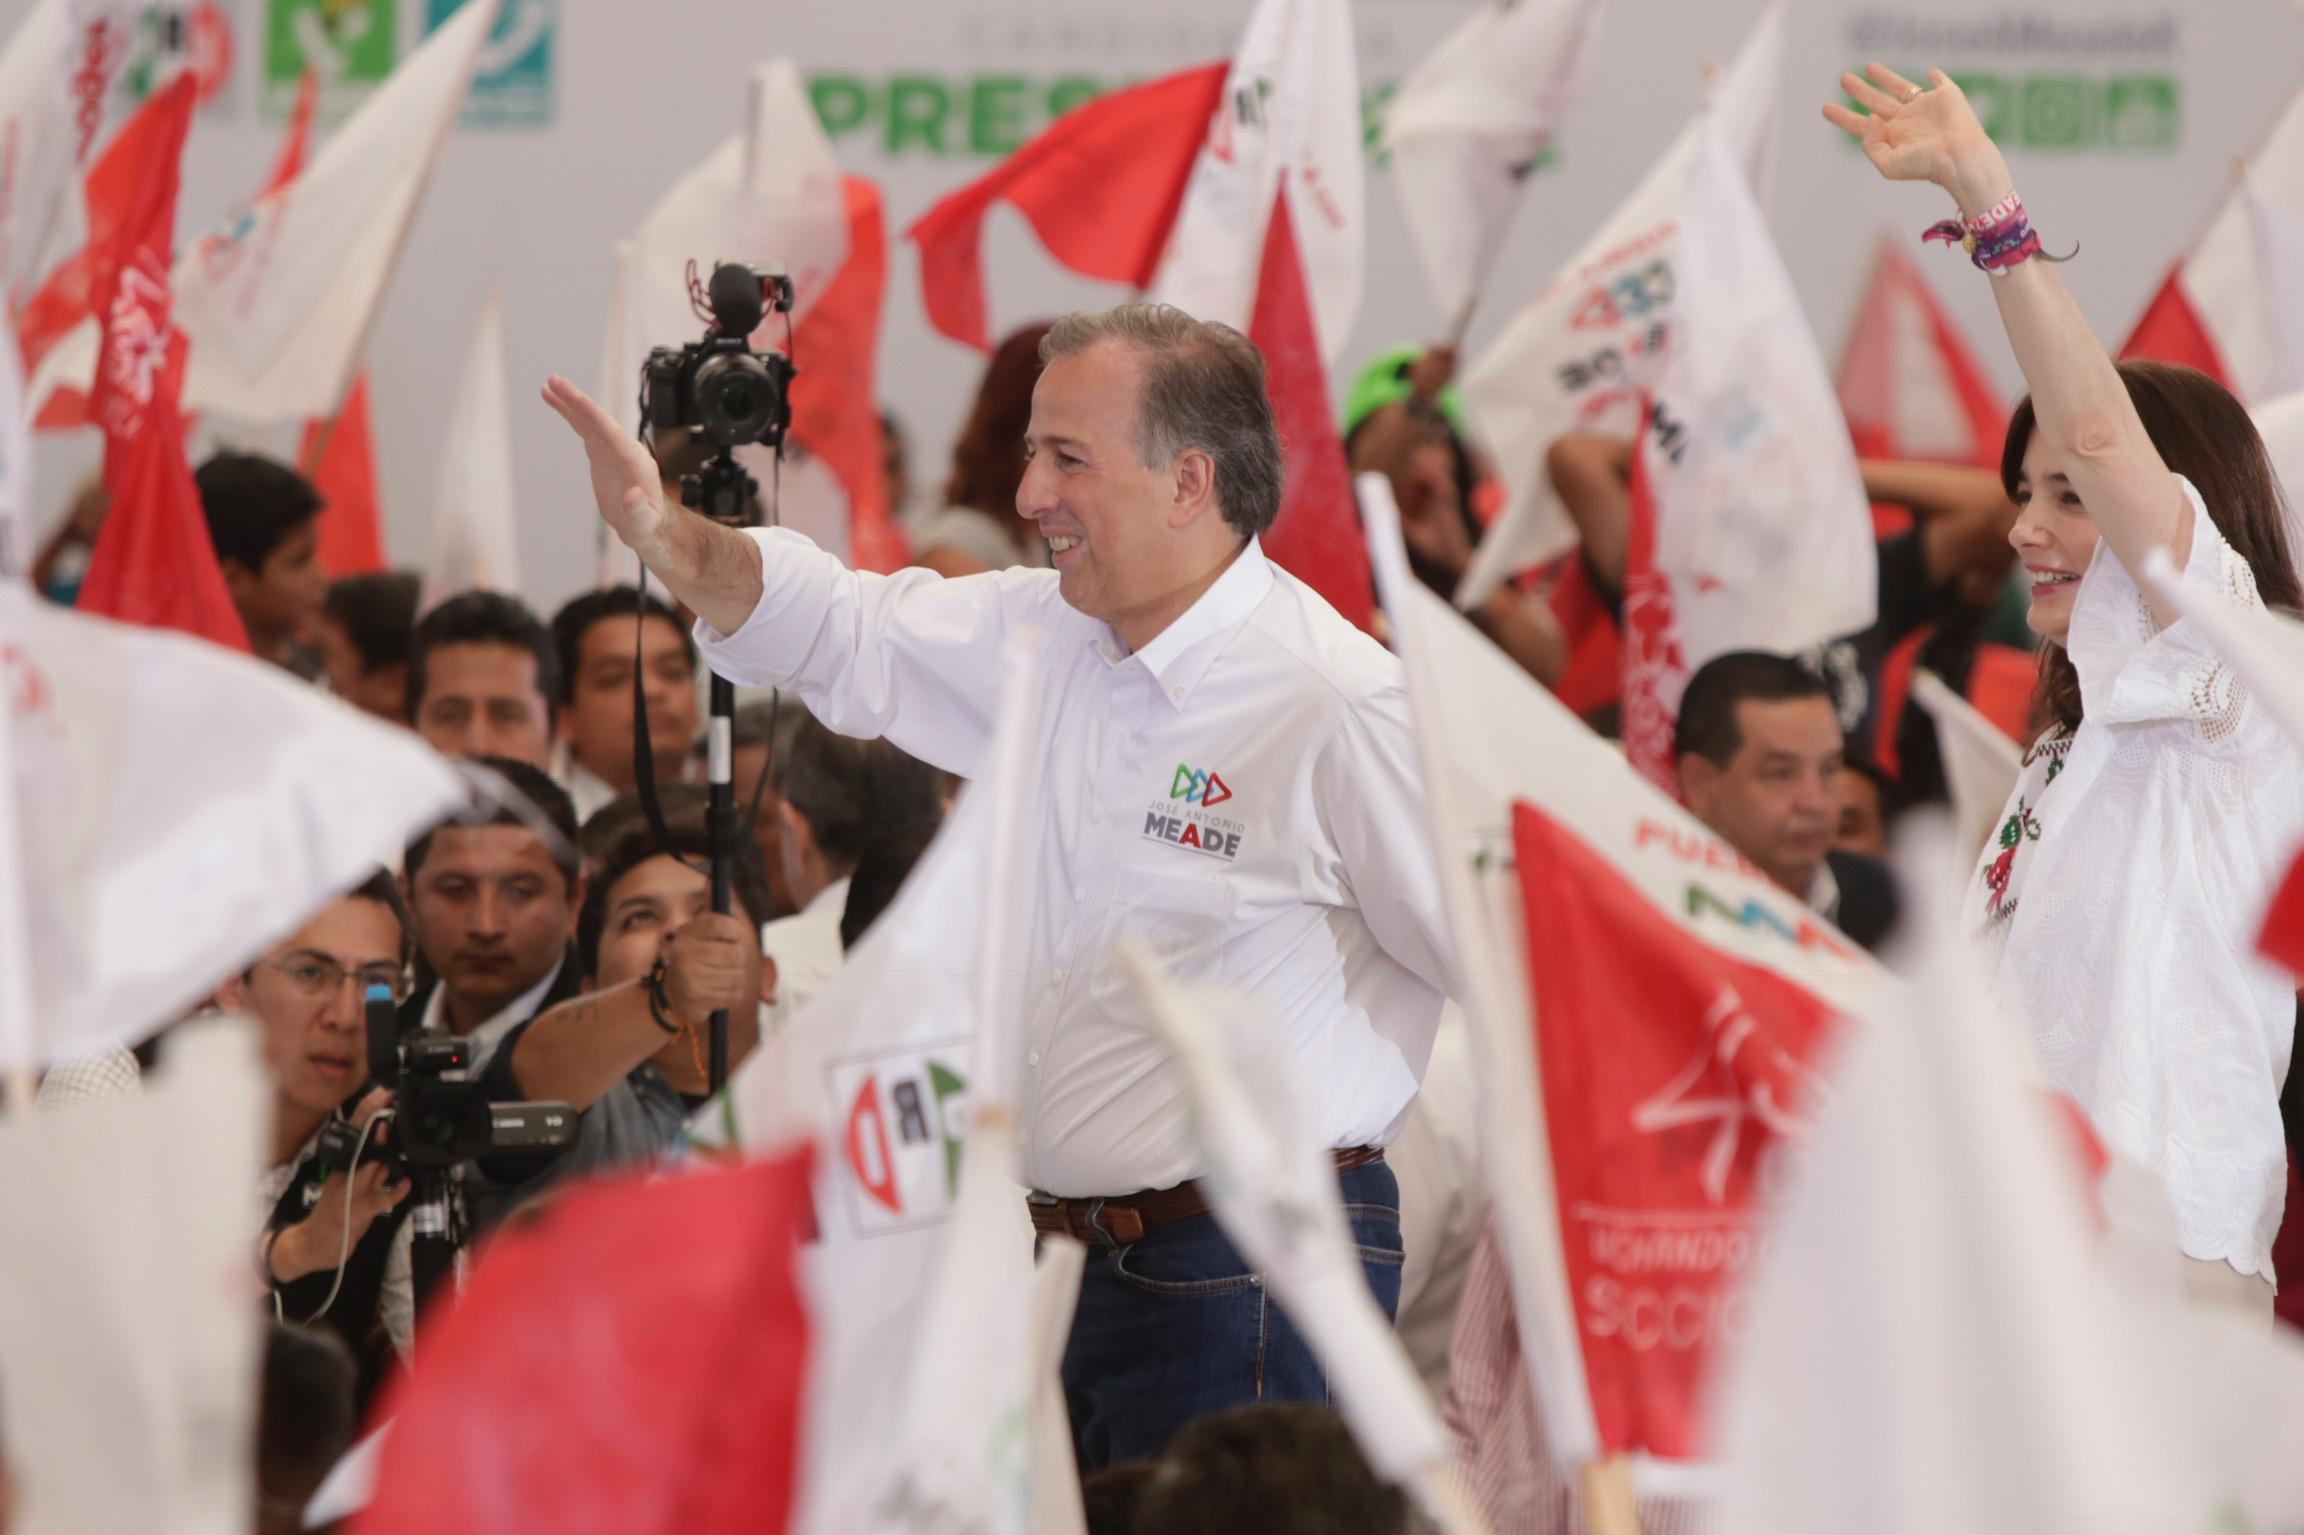 Evitar reelección disfrazada en Puebla, pide Meade en Atlixco